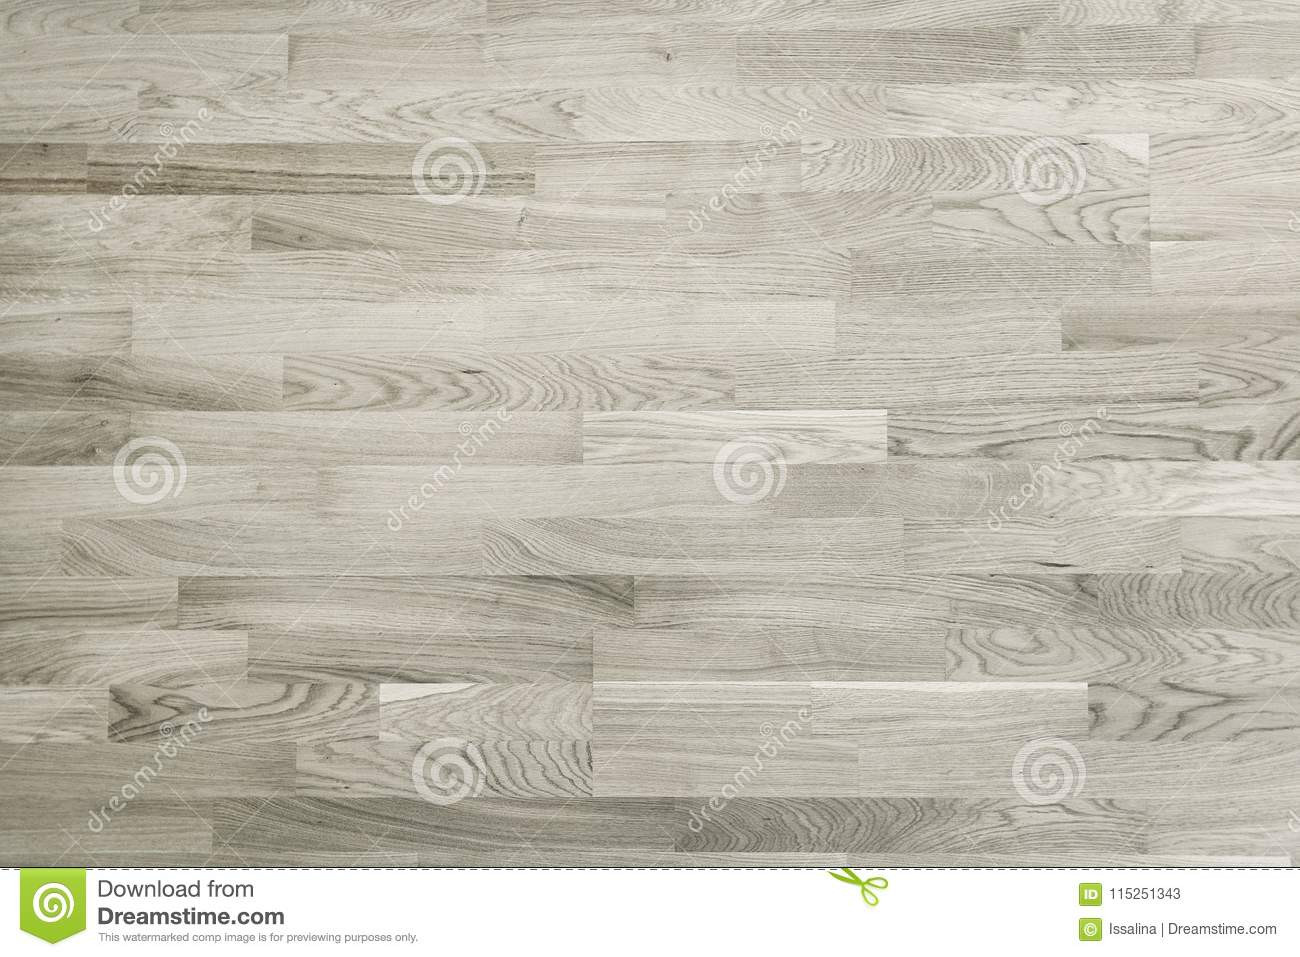 rustic wood floor vases of grey wooden floorl background texture stock image image of grey pertaining to grey wooden floorl background texture